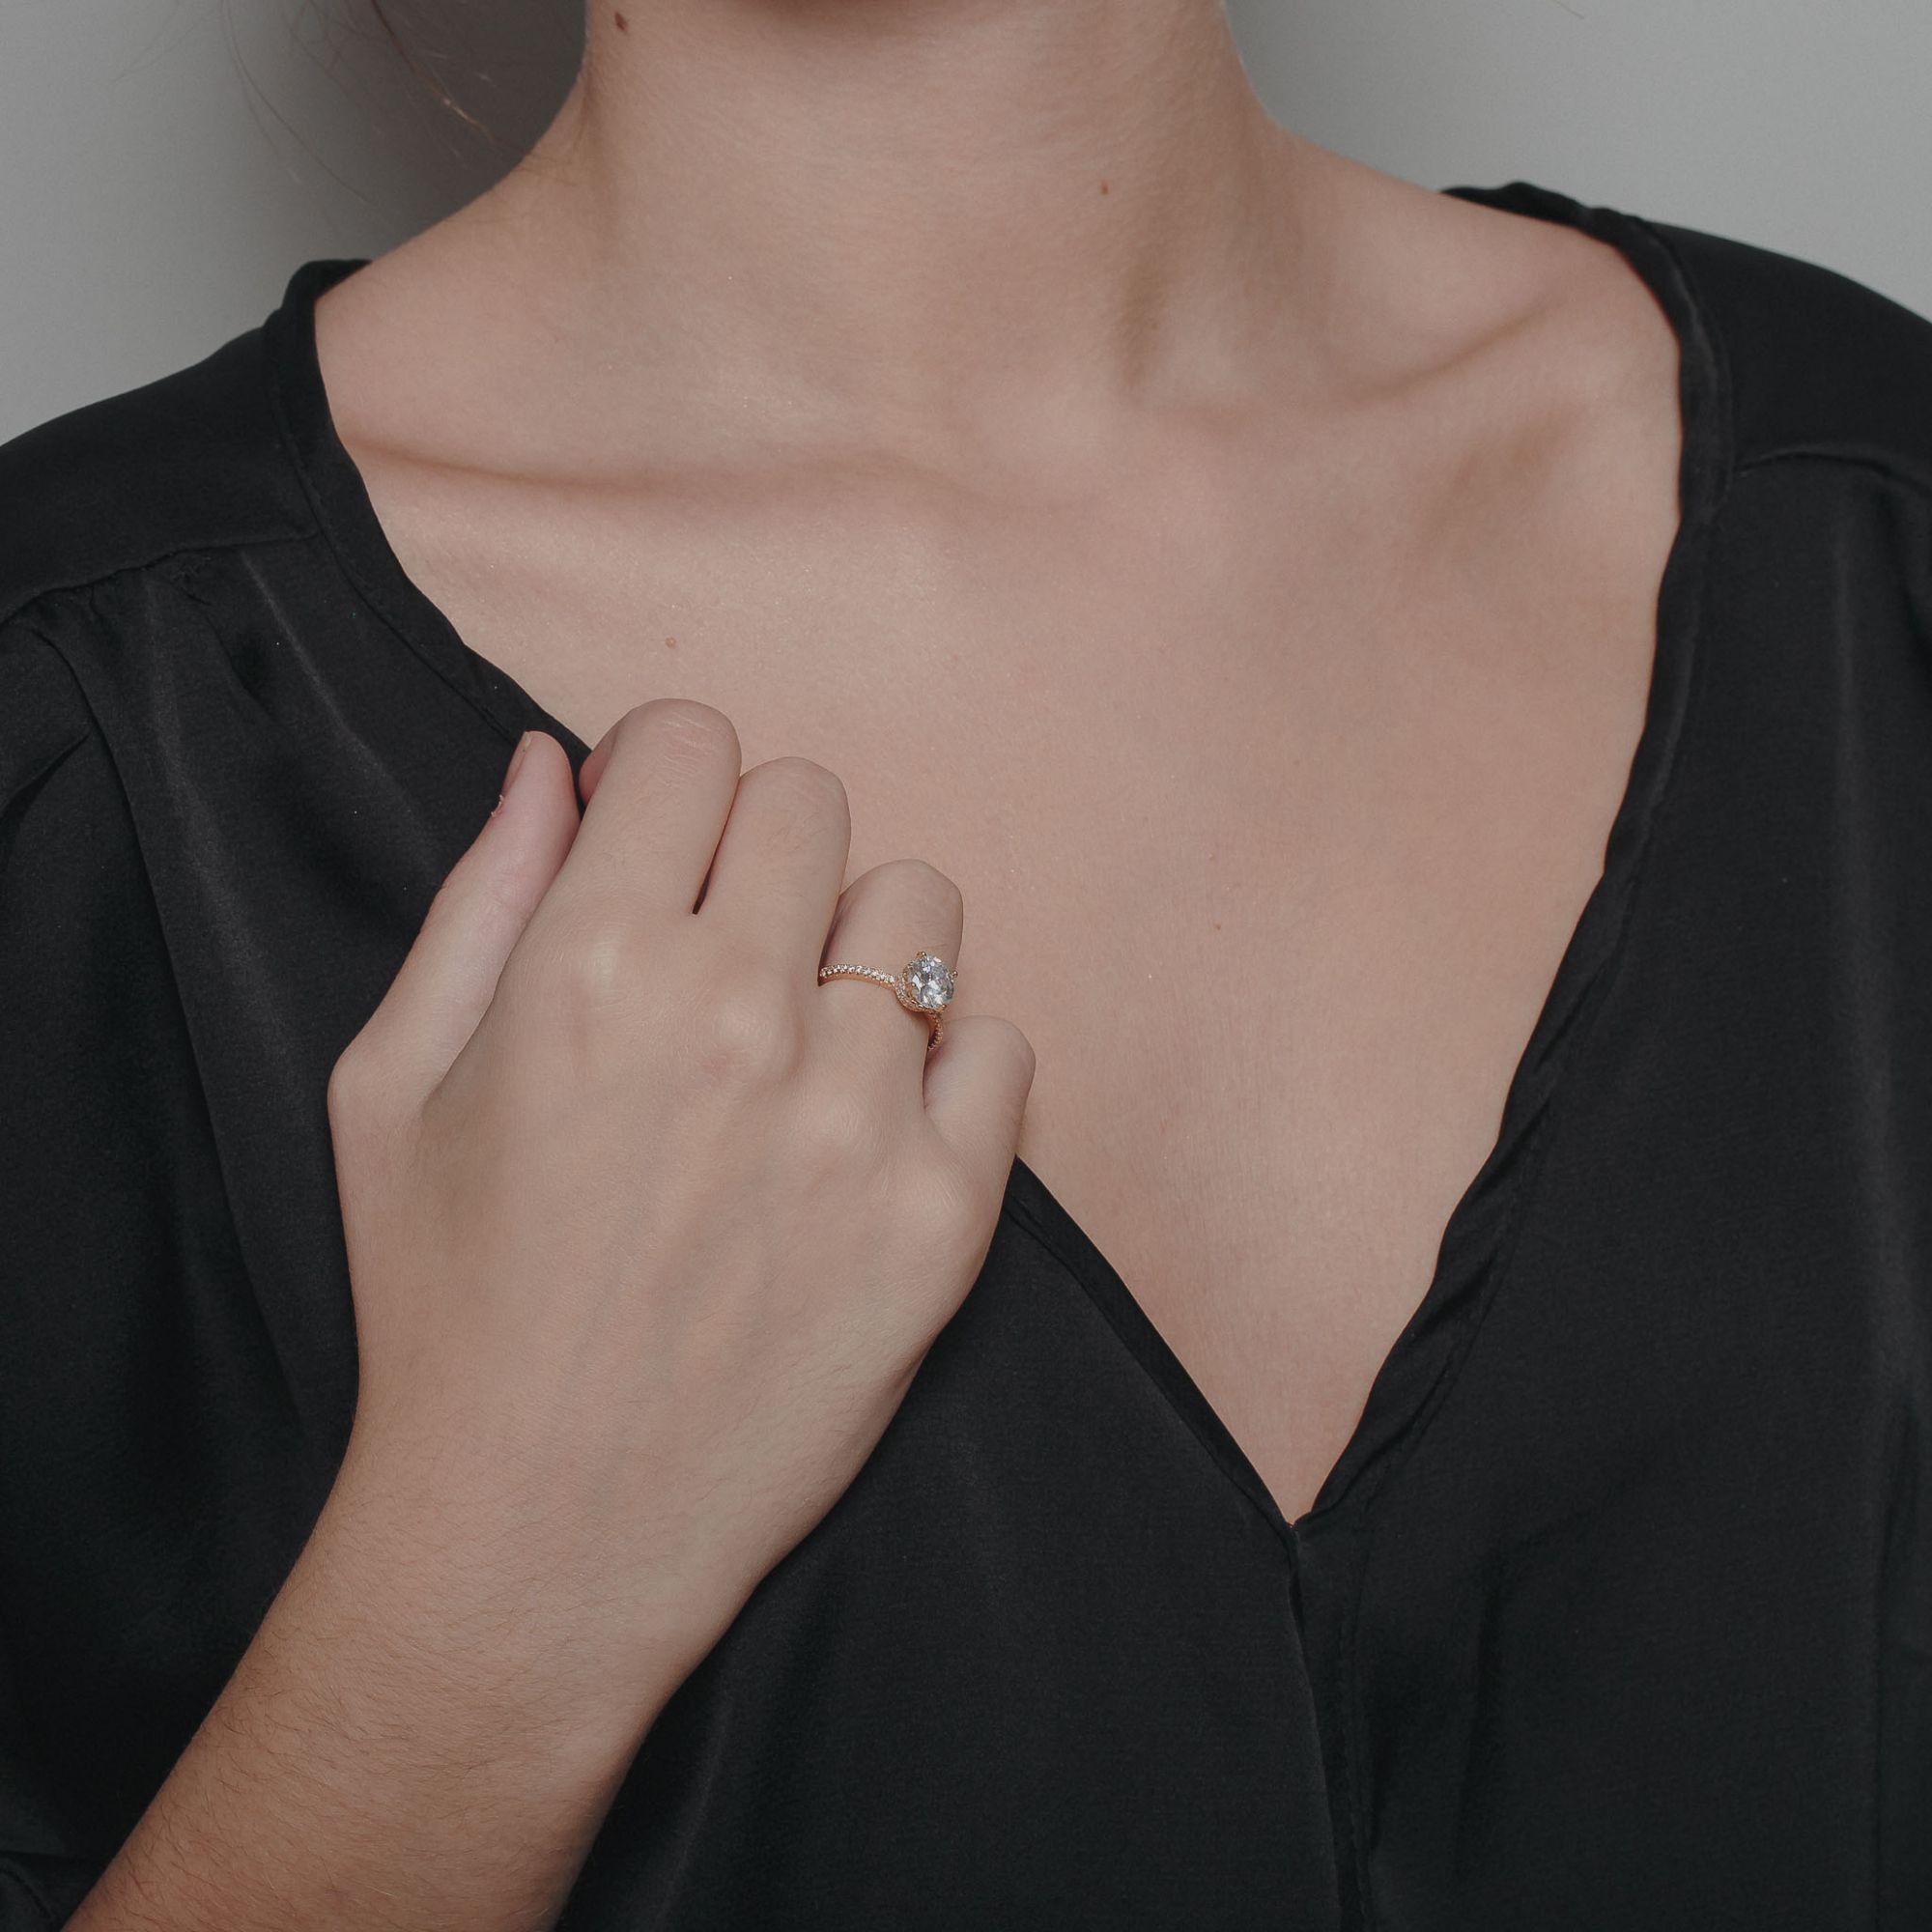 Anel com zircônias cristais banhado a ouro 18k.  - romabrazil.com.br